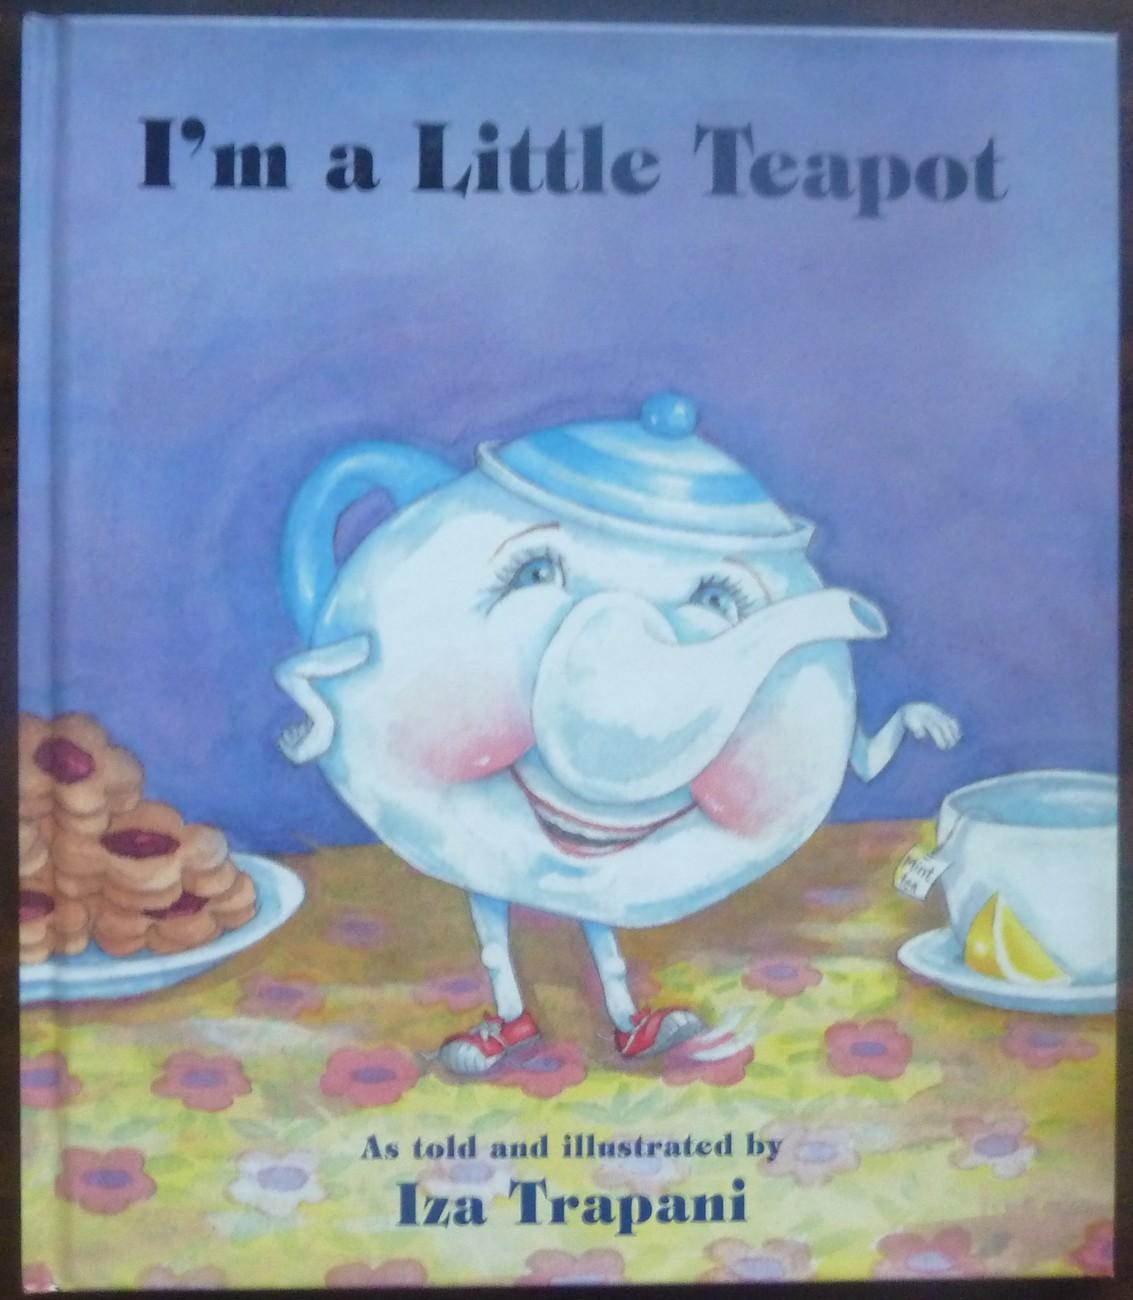 I'm a Little Teapot by Iza Trapani